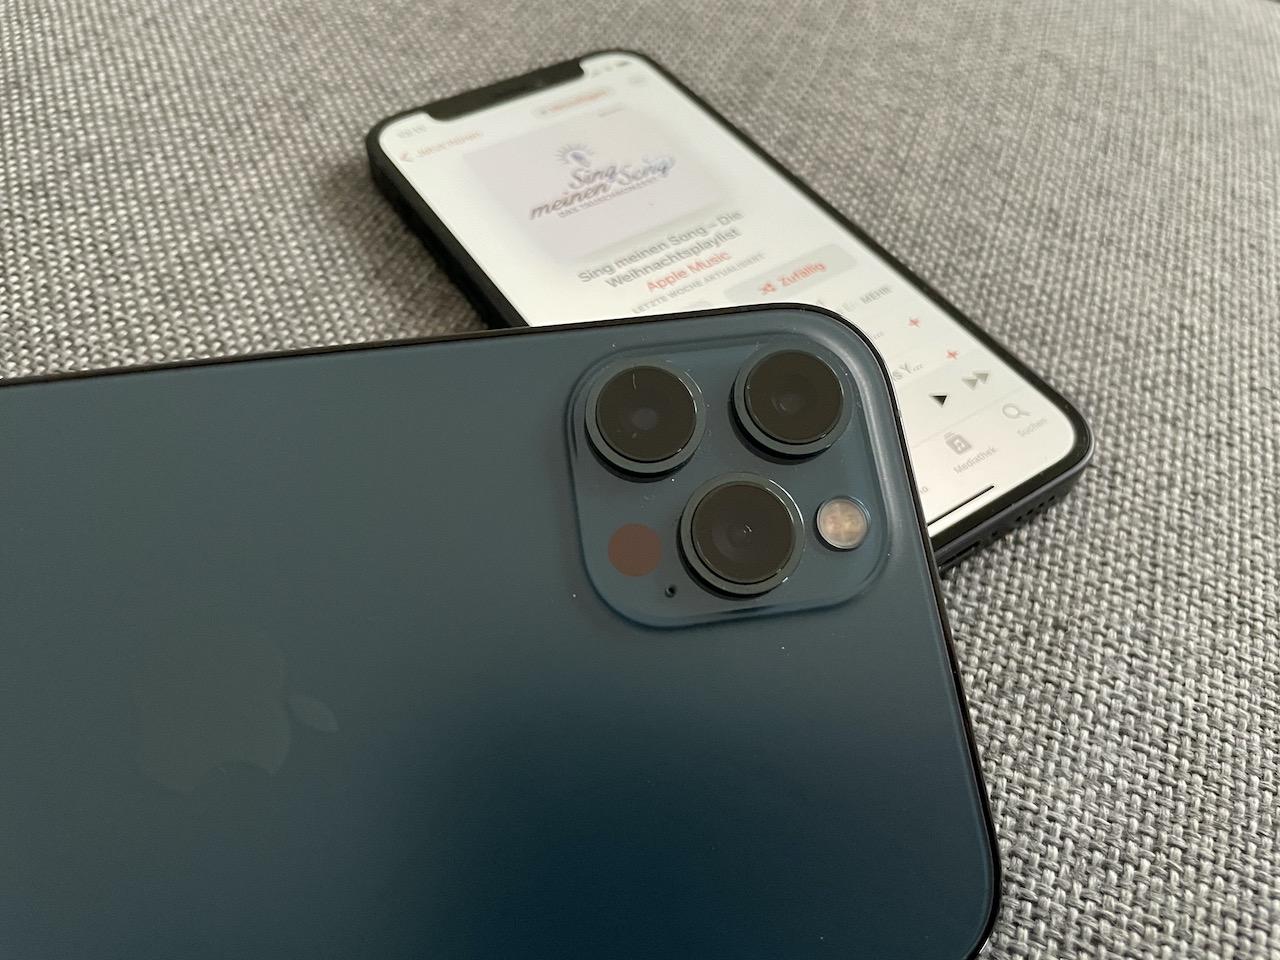 iPhone 21 ist das weltweit meistverkaufte 21G Smartphone › Macerkopf